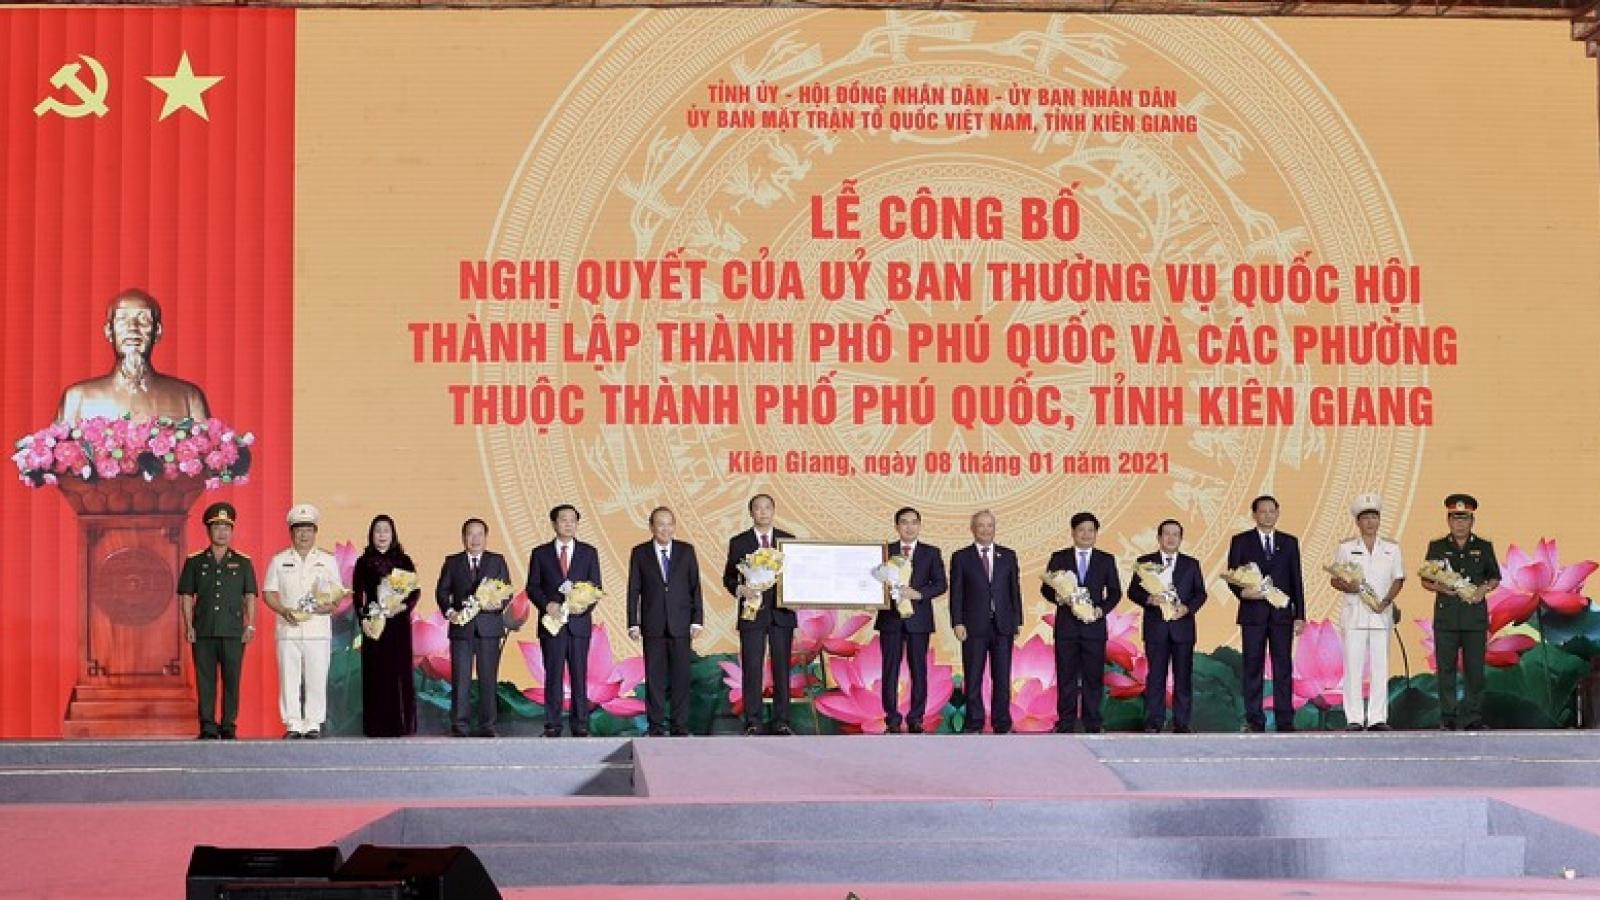 KĐT mới Sun Grand City New An Thoi tưng bừng với sự kiện Phú Quốc lên thành phố